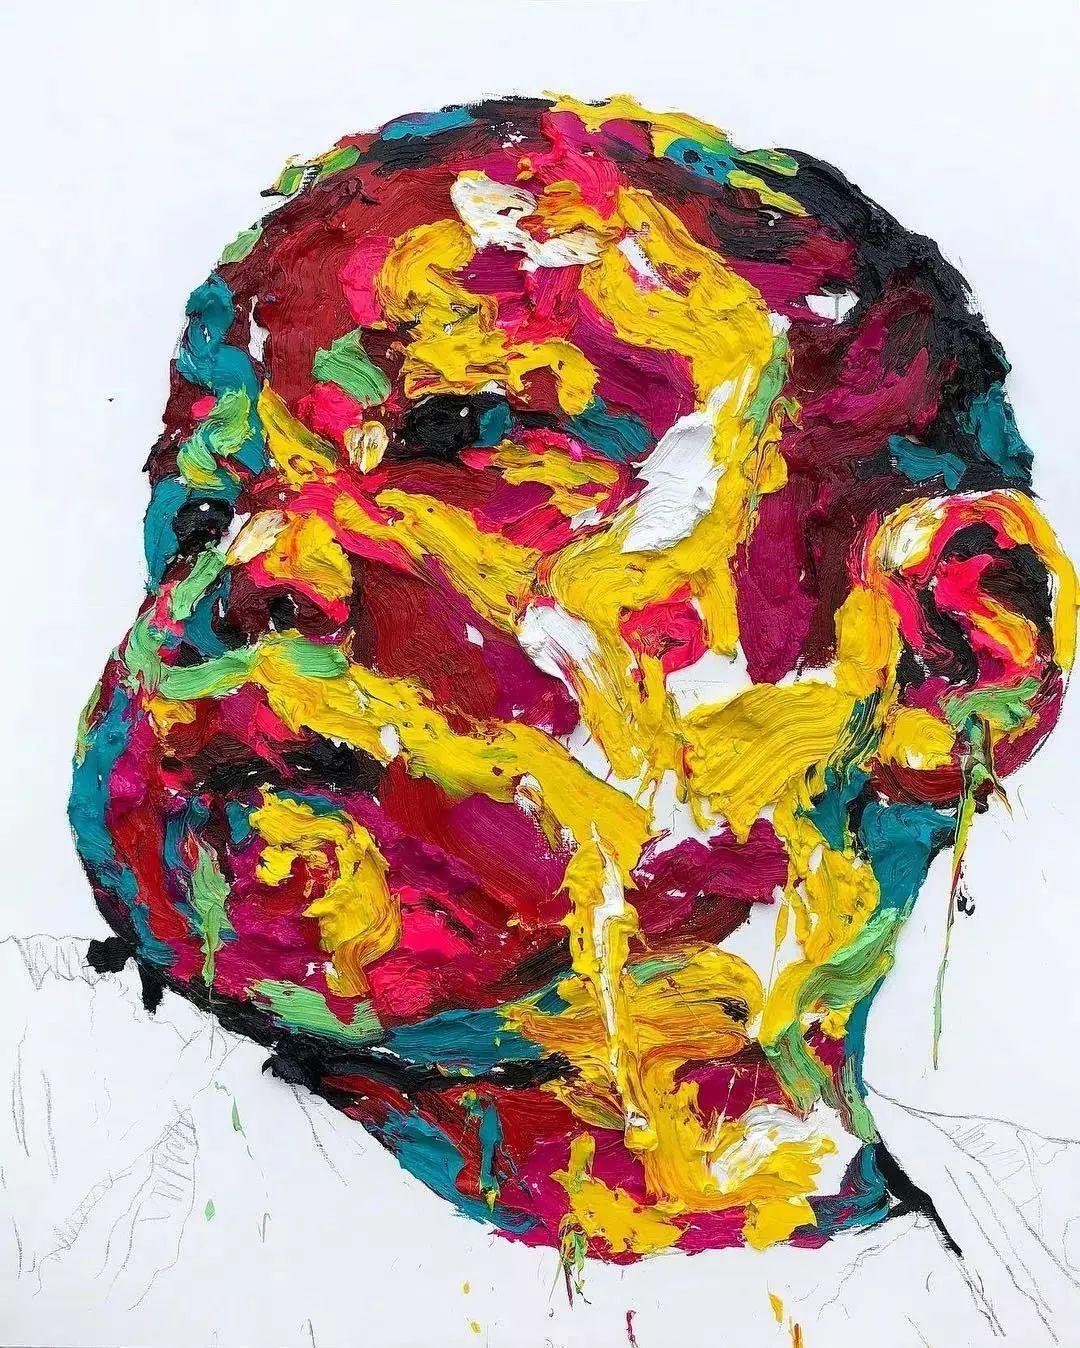 一些看着很过瘾的作品——shin kwangho插图73